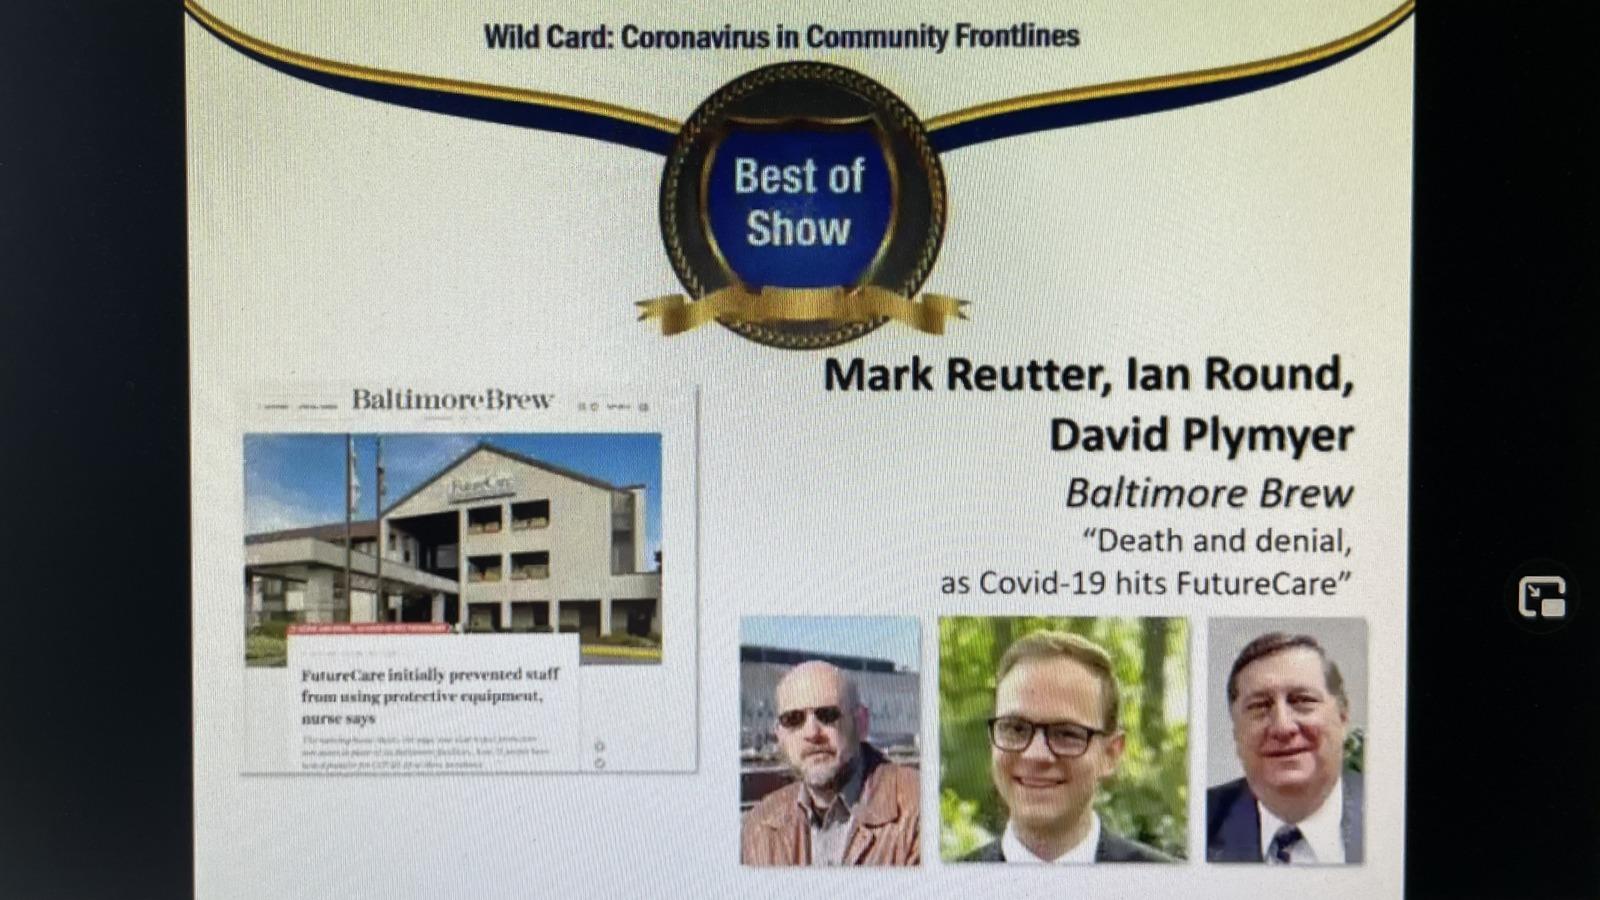 mddc futurecare coronavirus mddc award